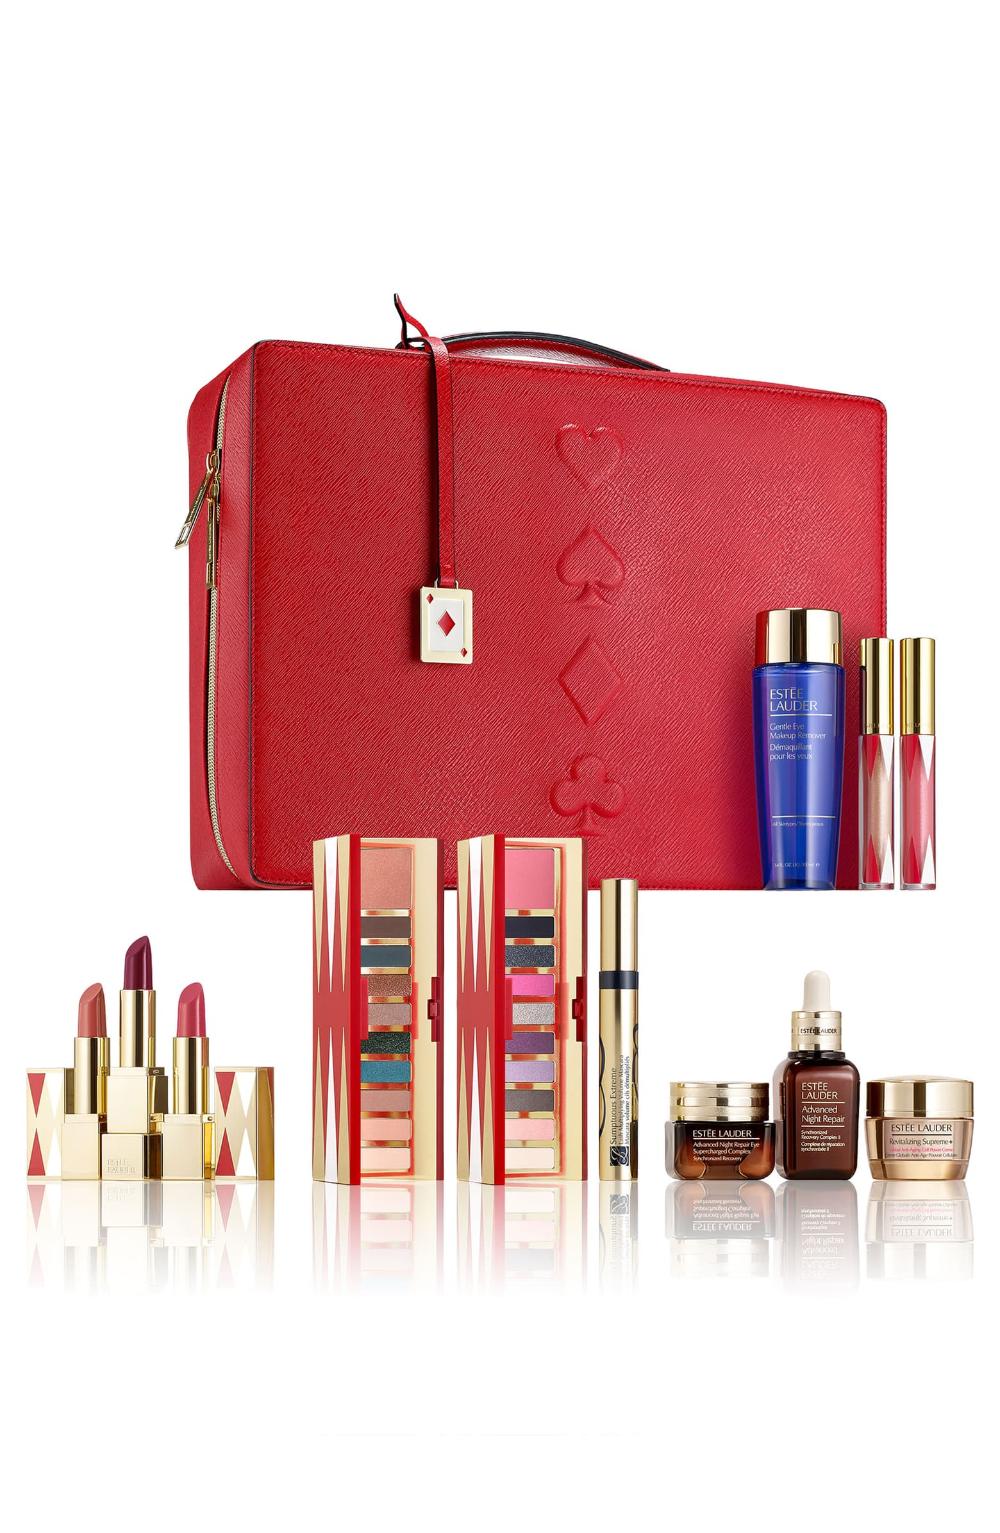 Estée Lauder 31 Beauty Essentials Set (Purchase with Estée